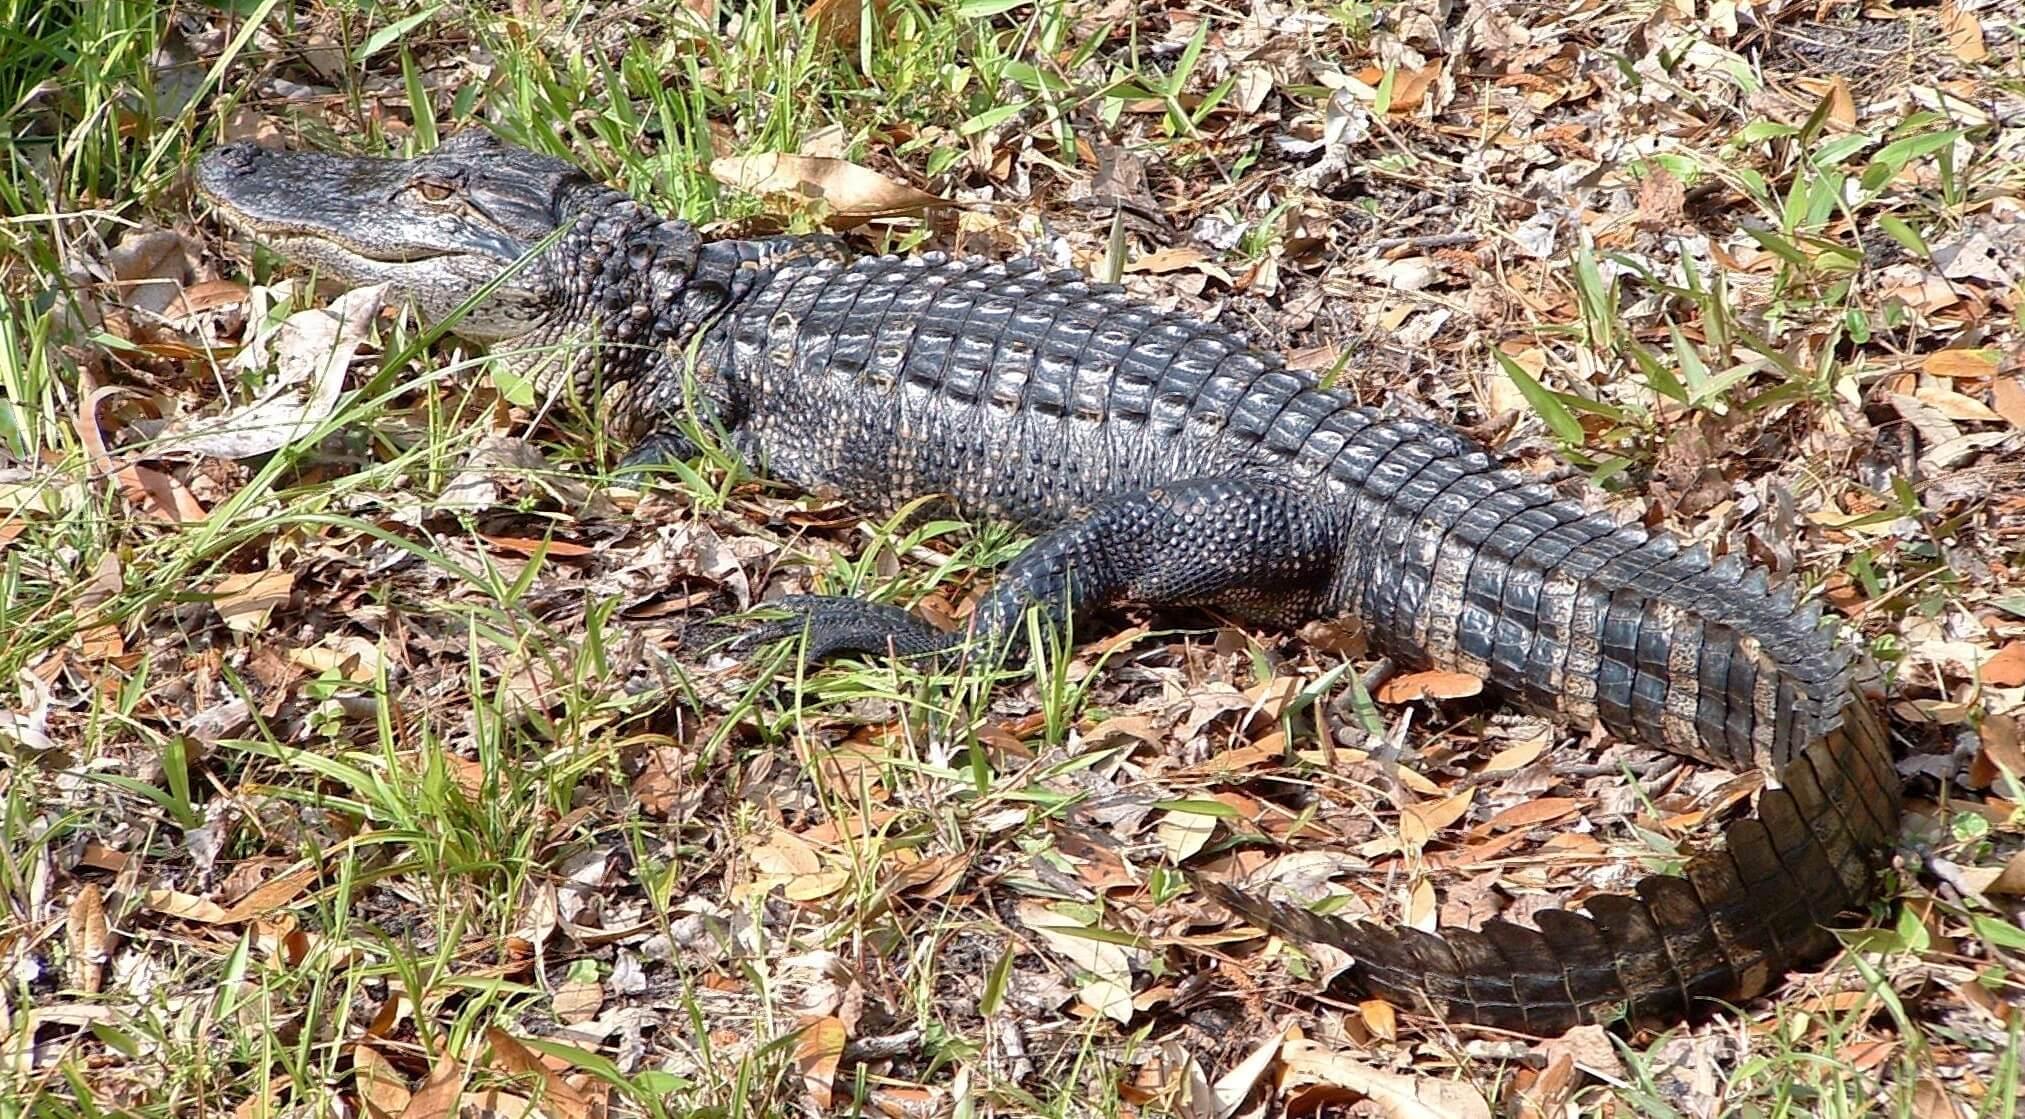 Alligator on Leaves.jpg